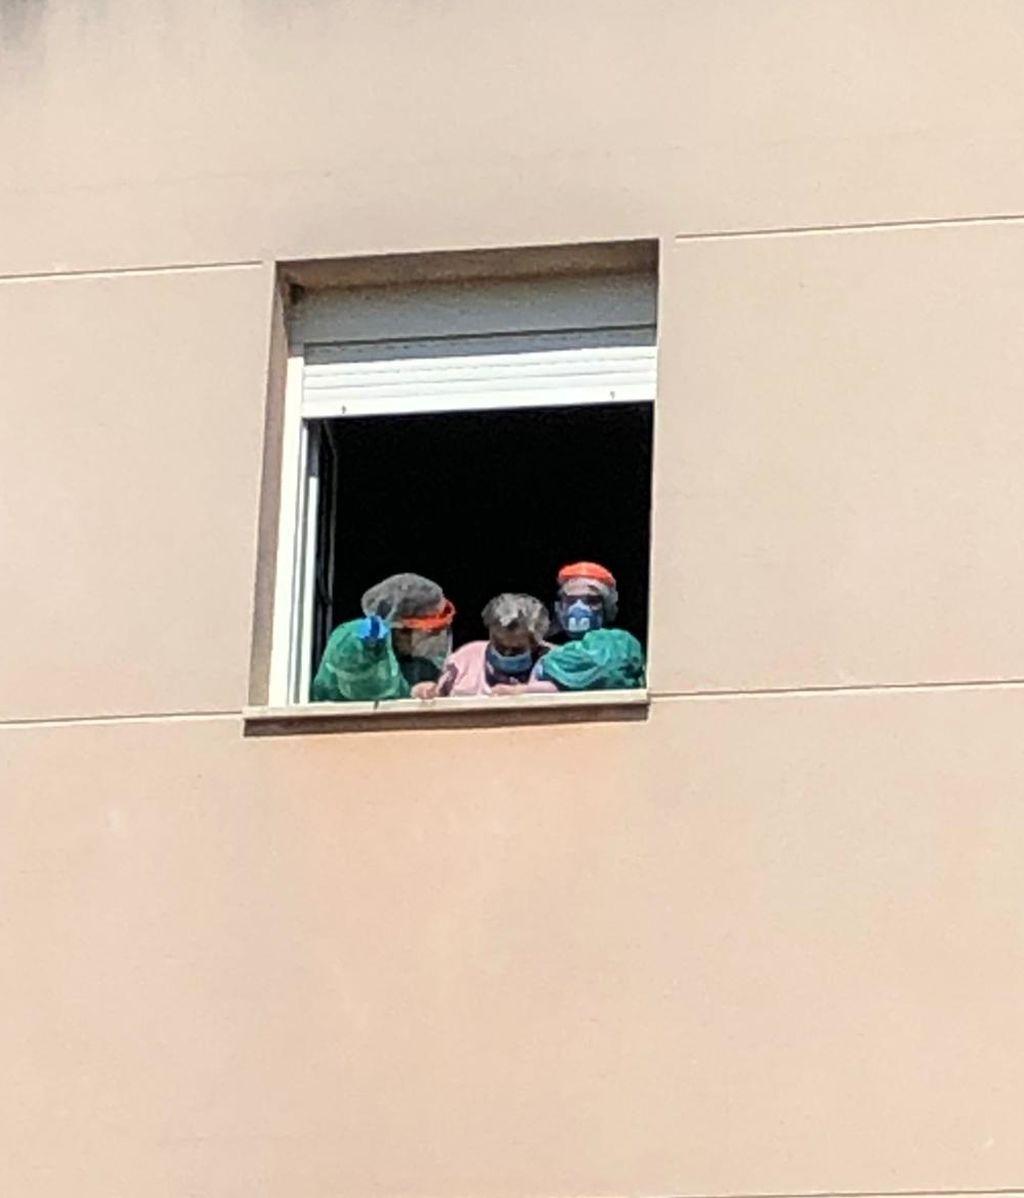 Justina saludando a su familiares desde la ventana.